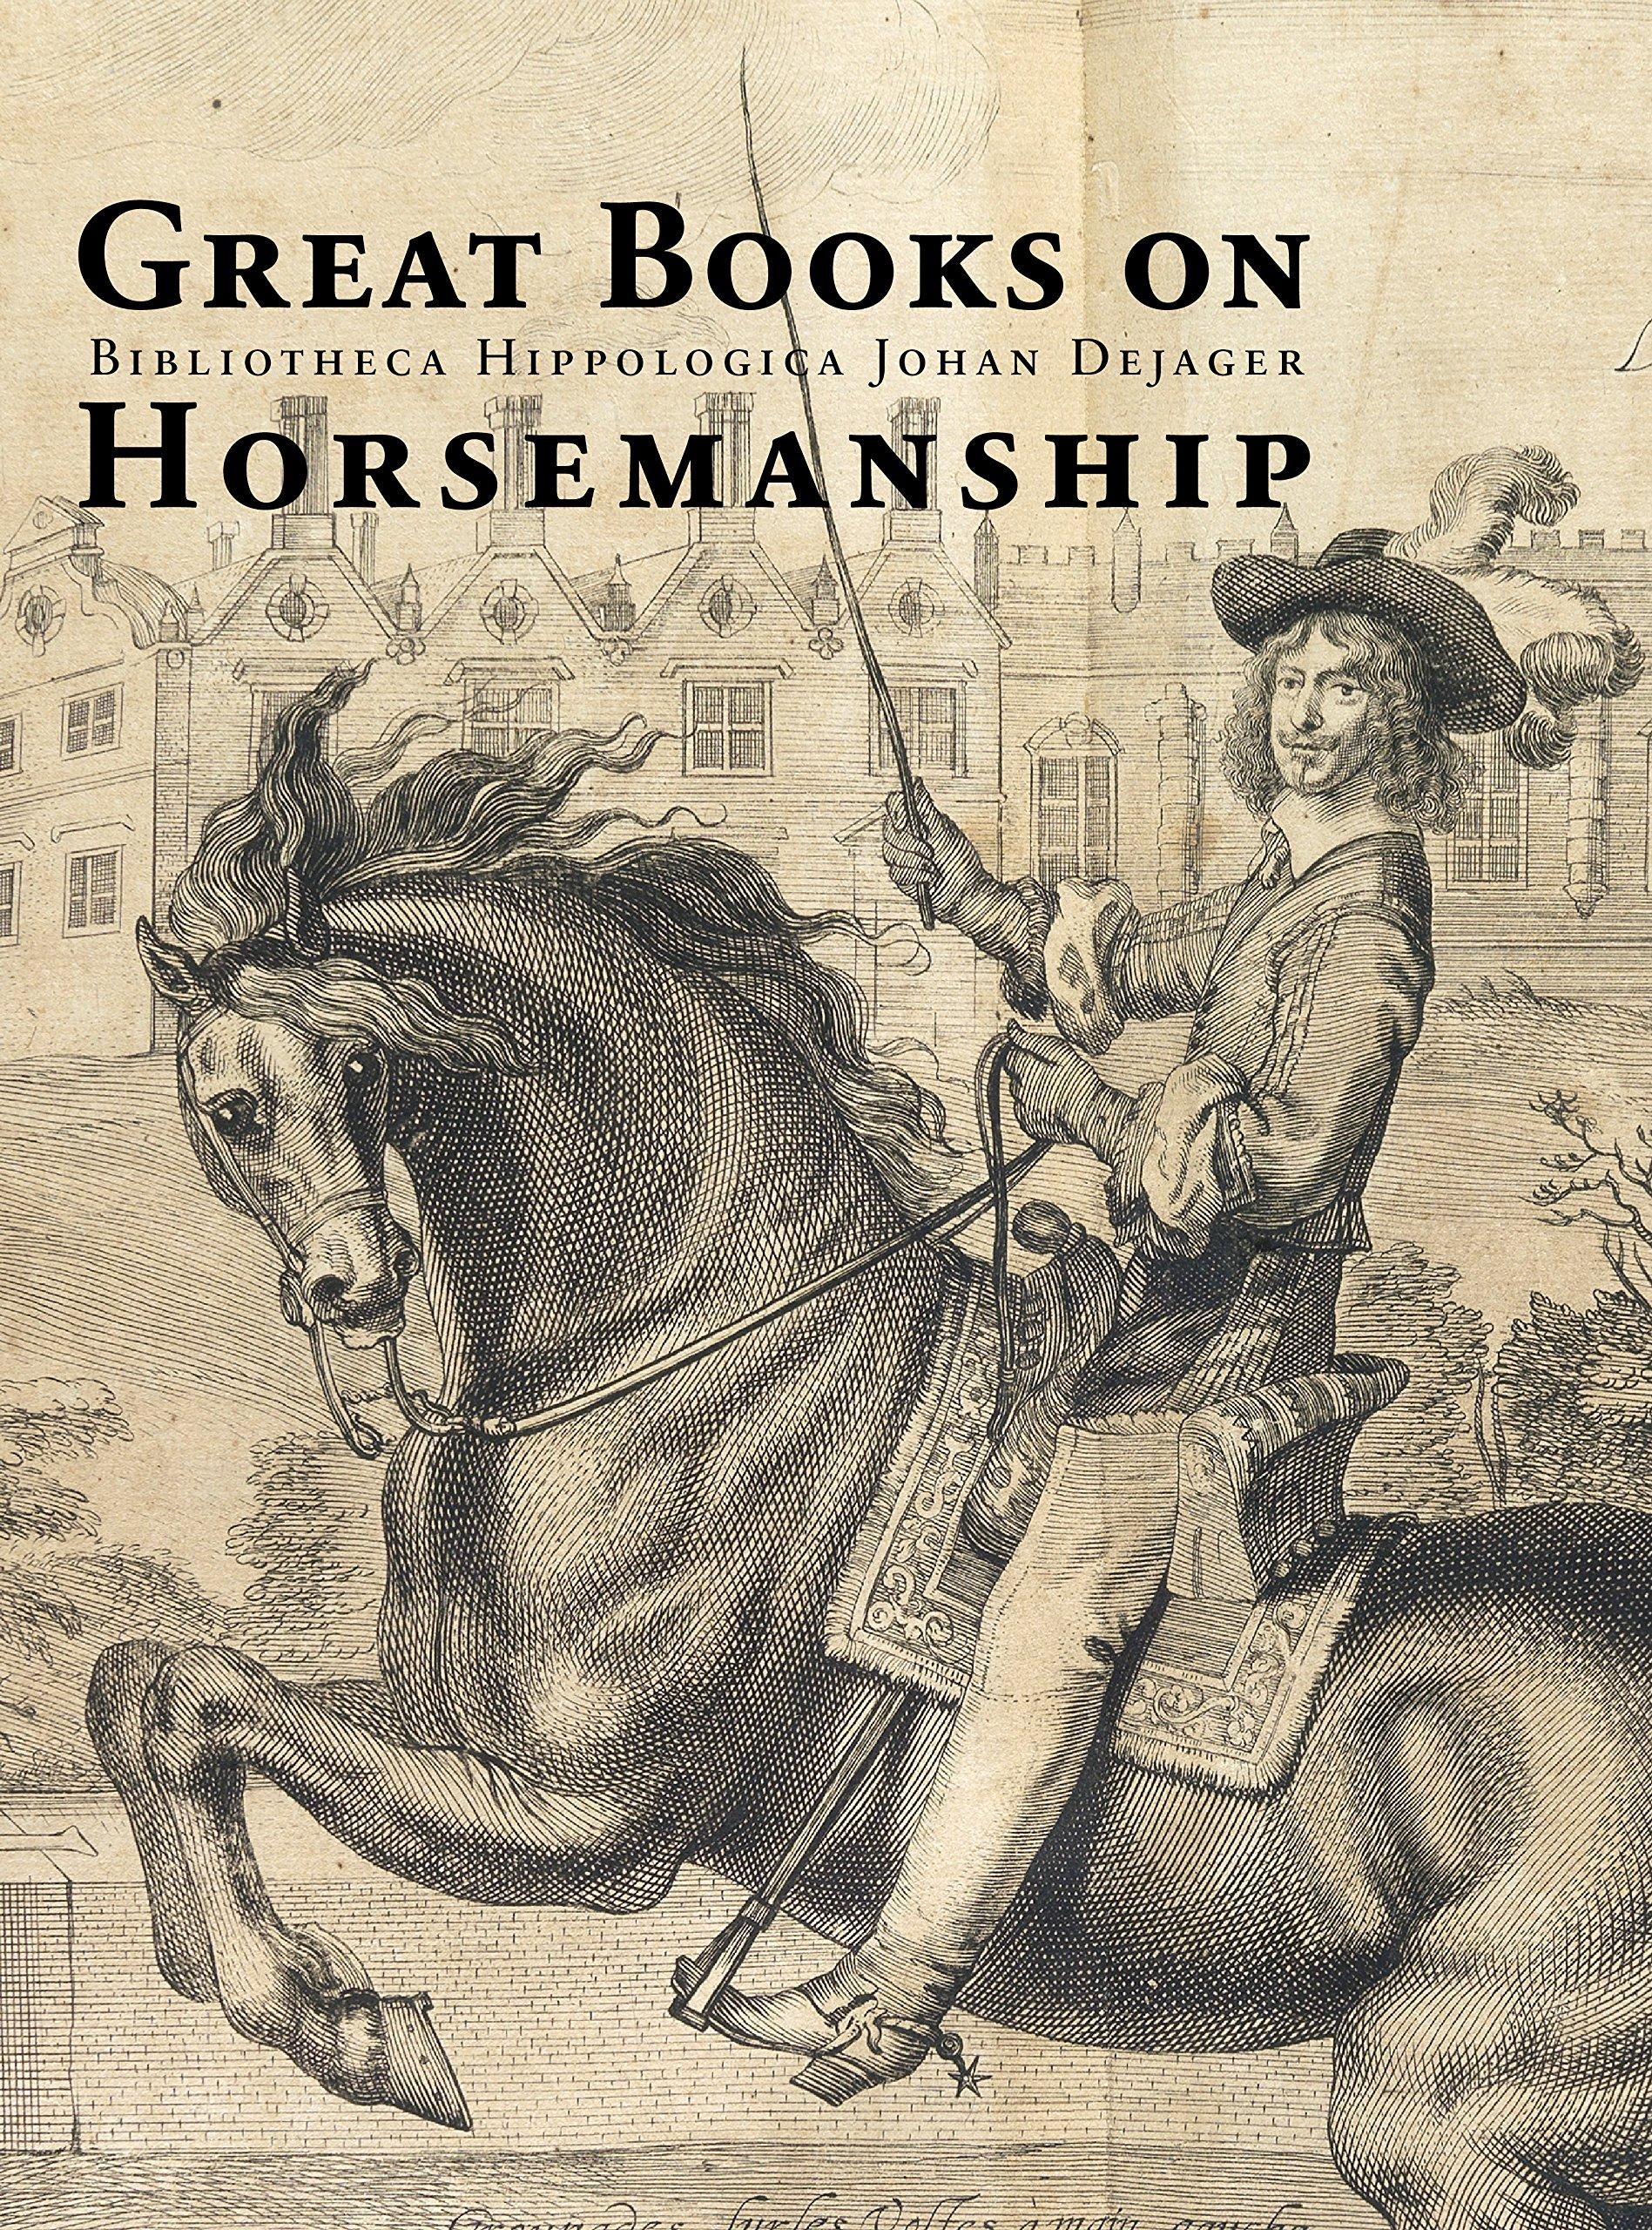 Great Books on Horsemanship